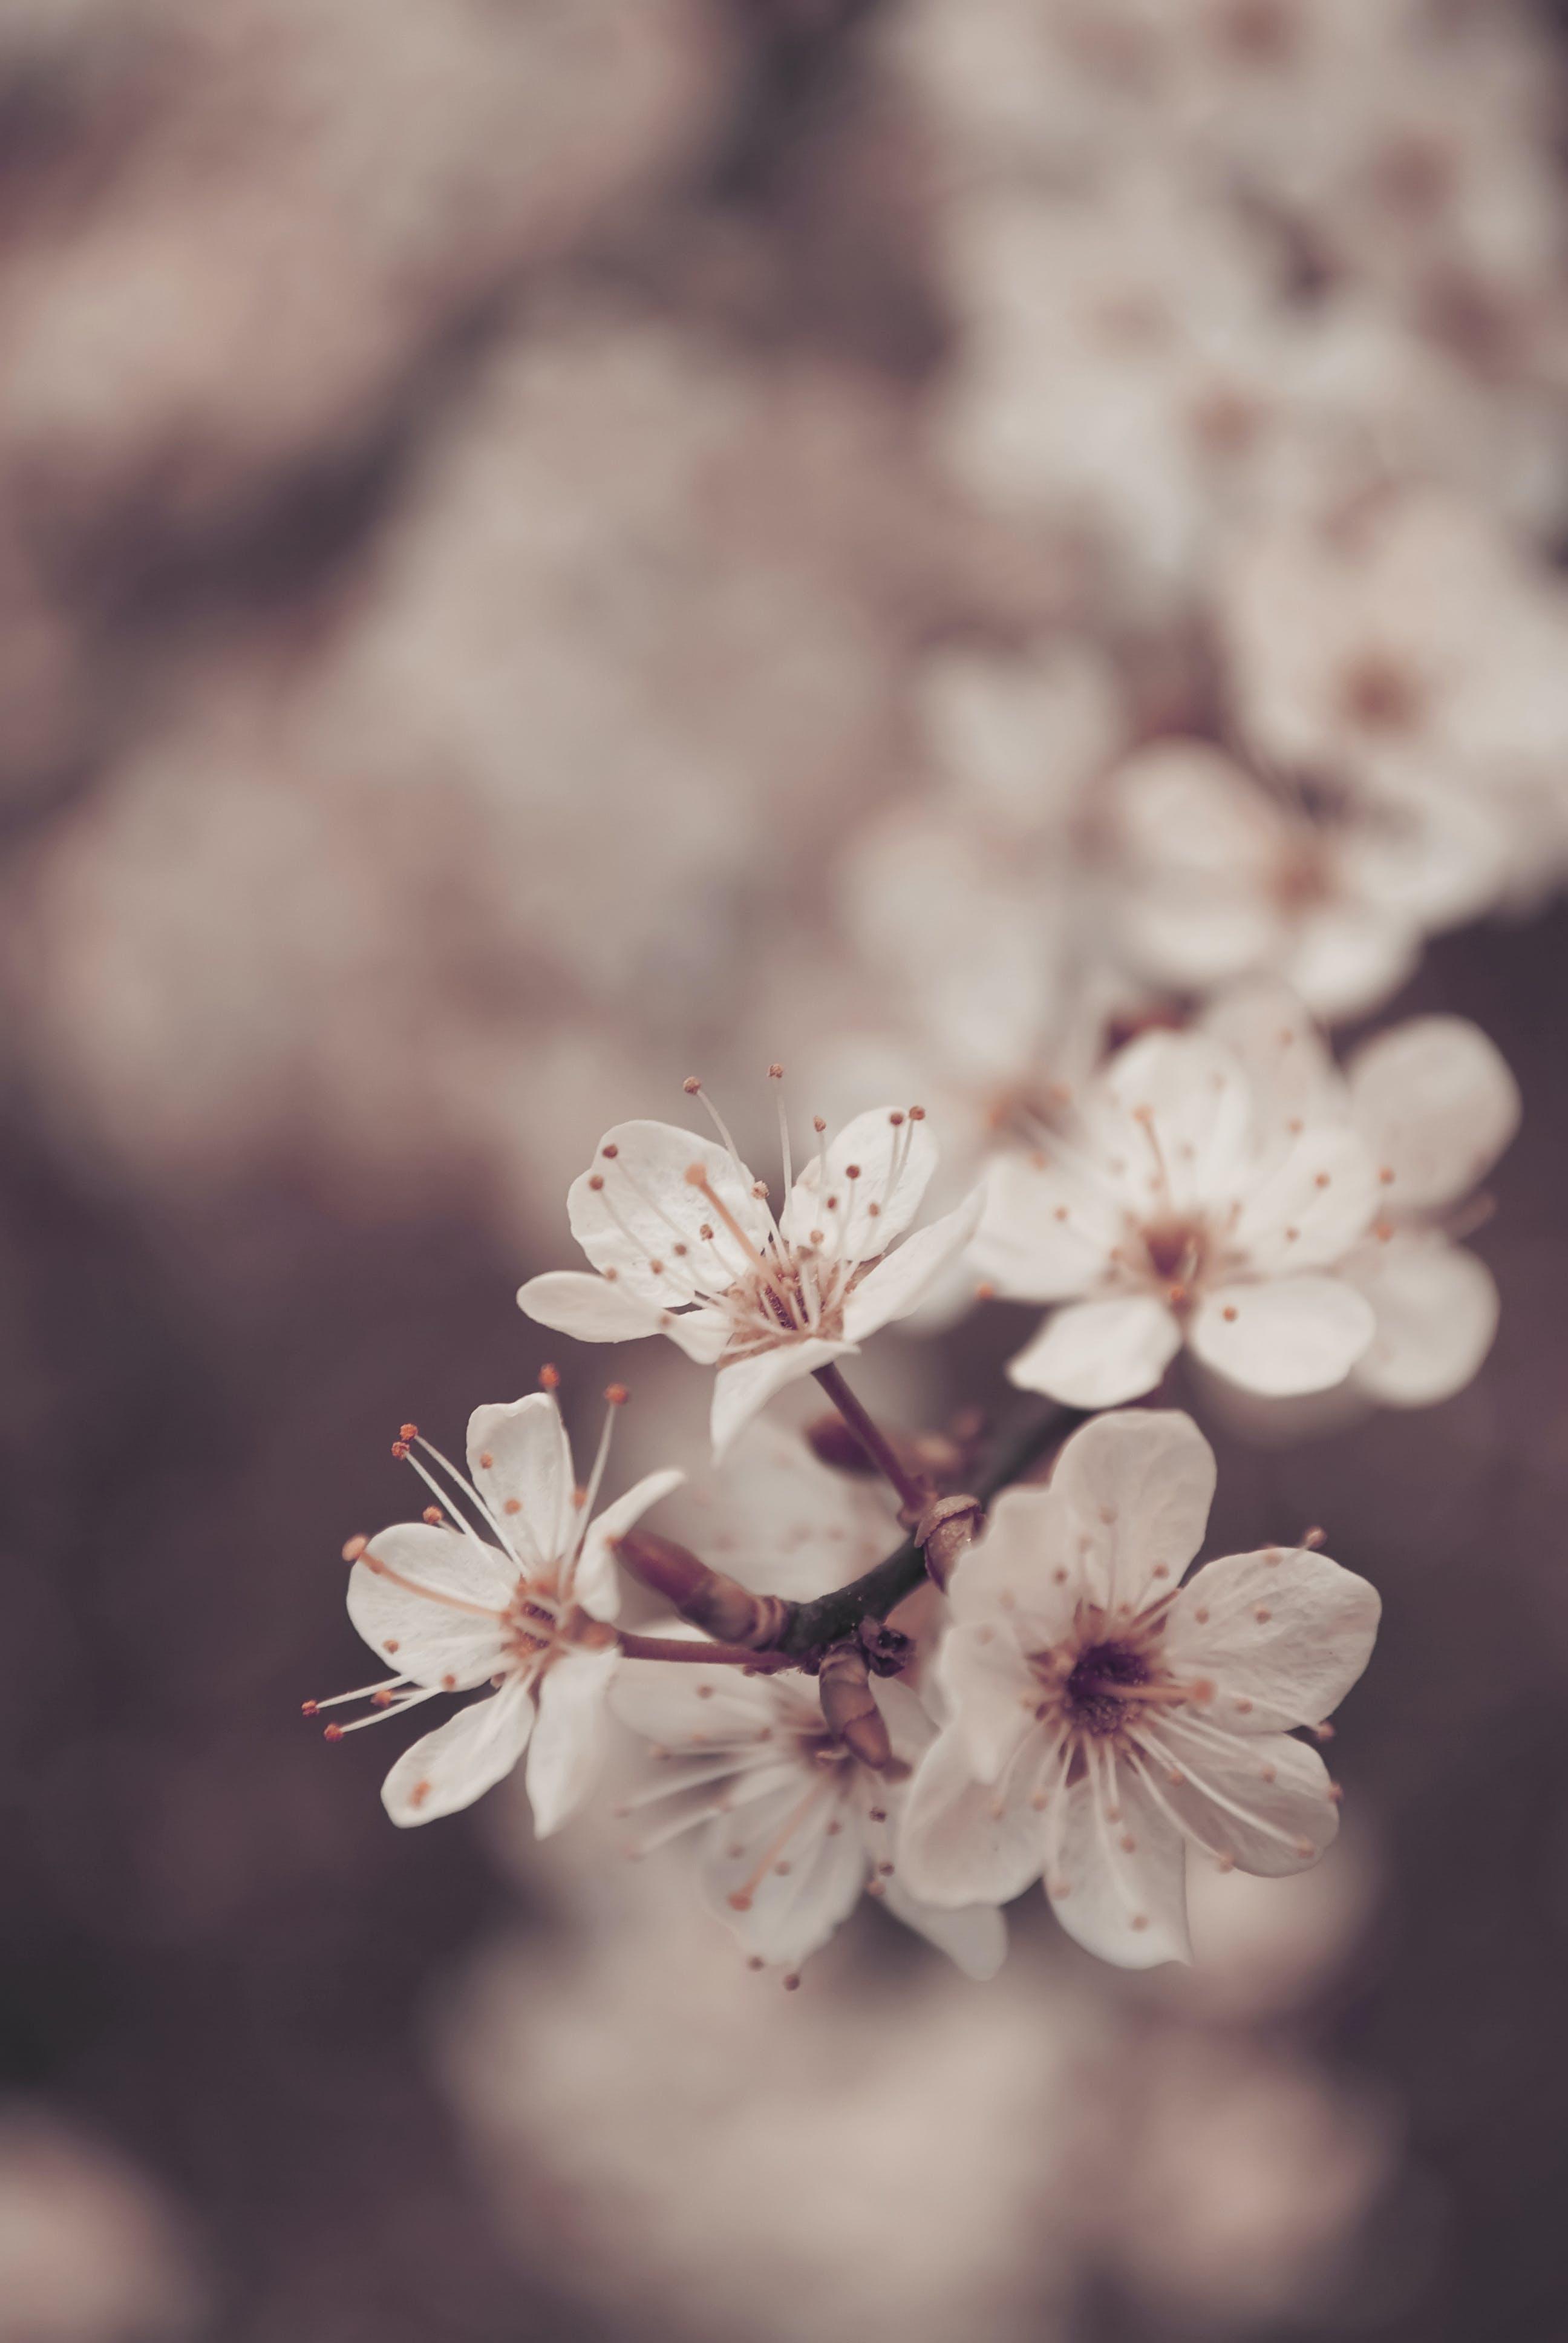 Gratis lagerfoto af blad, blomst, blomster, blomstrende